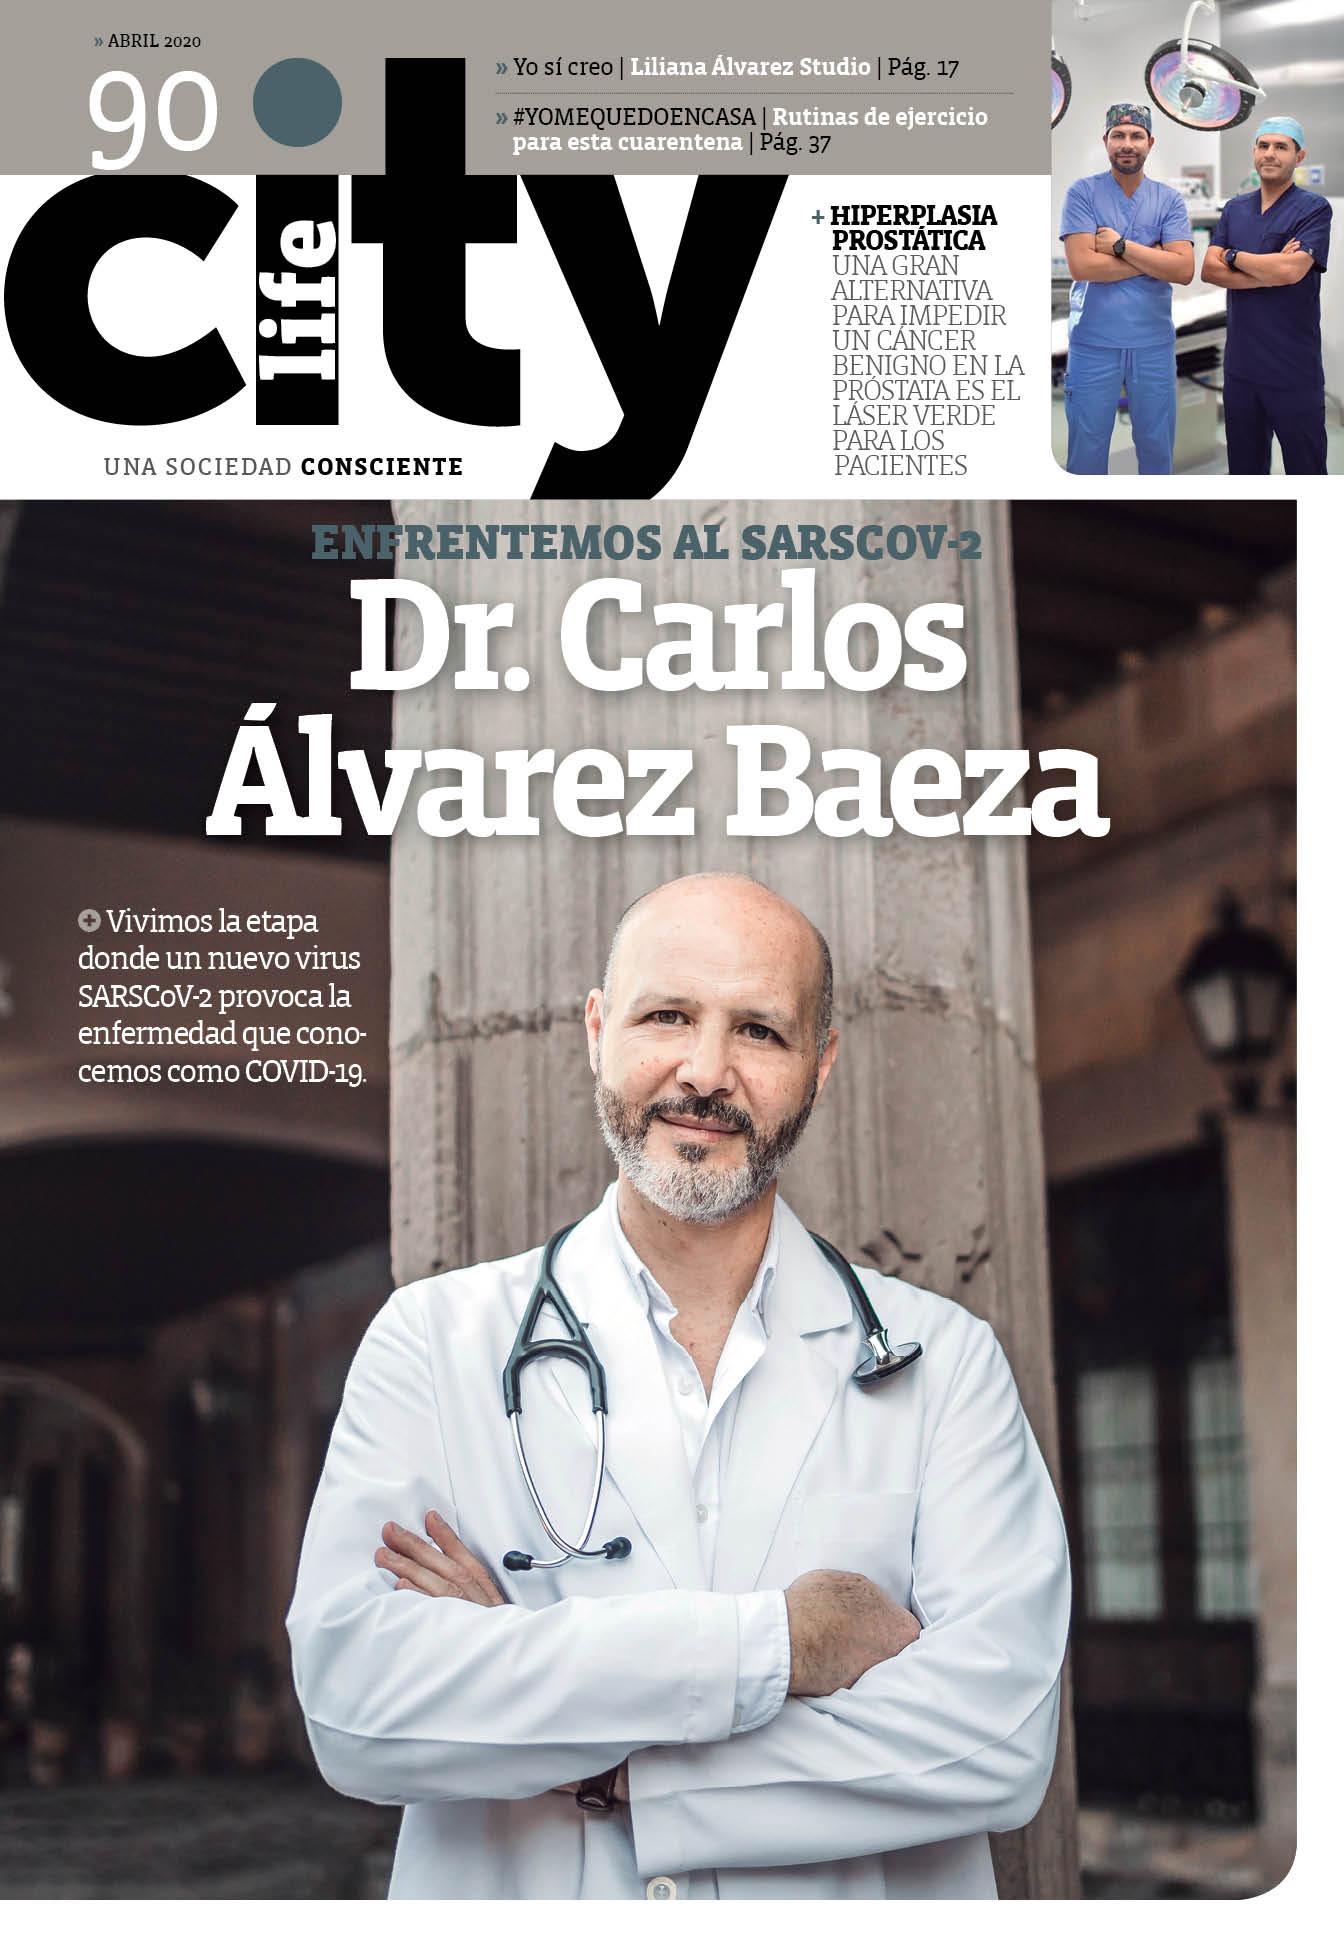 INFECTÓLOGO CARLOS ÁLVAREZ BAEZA